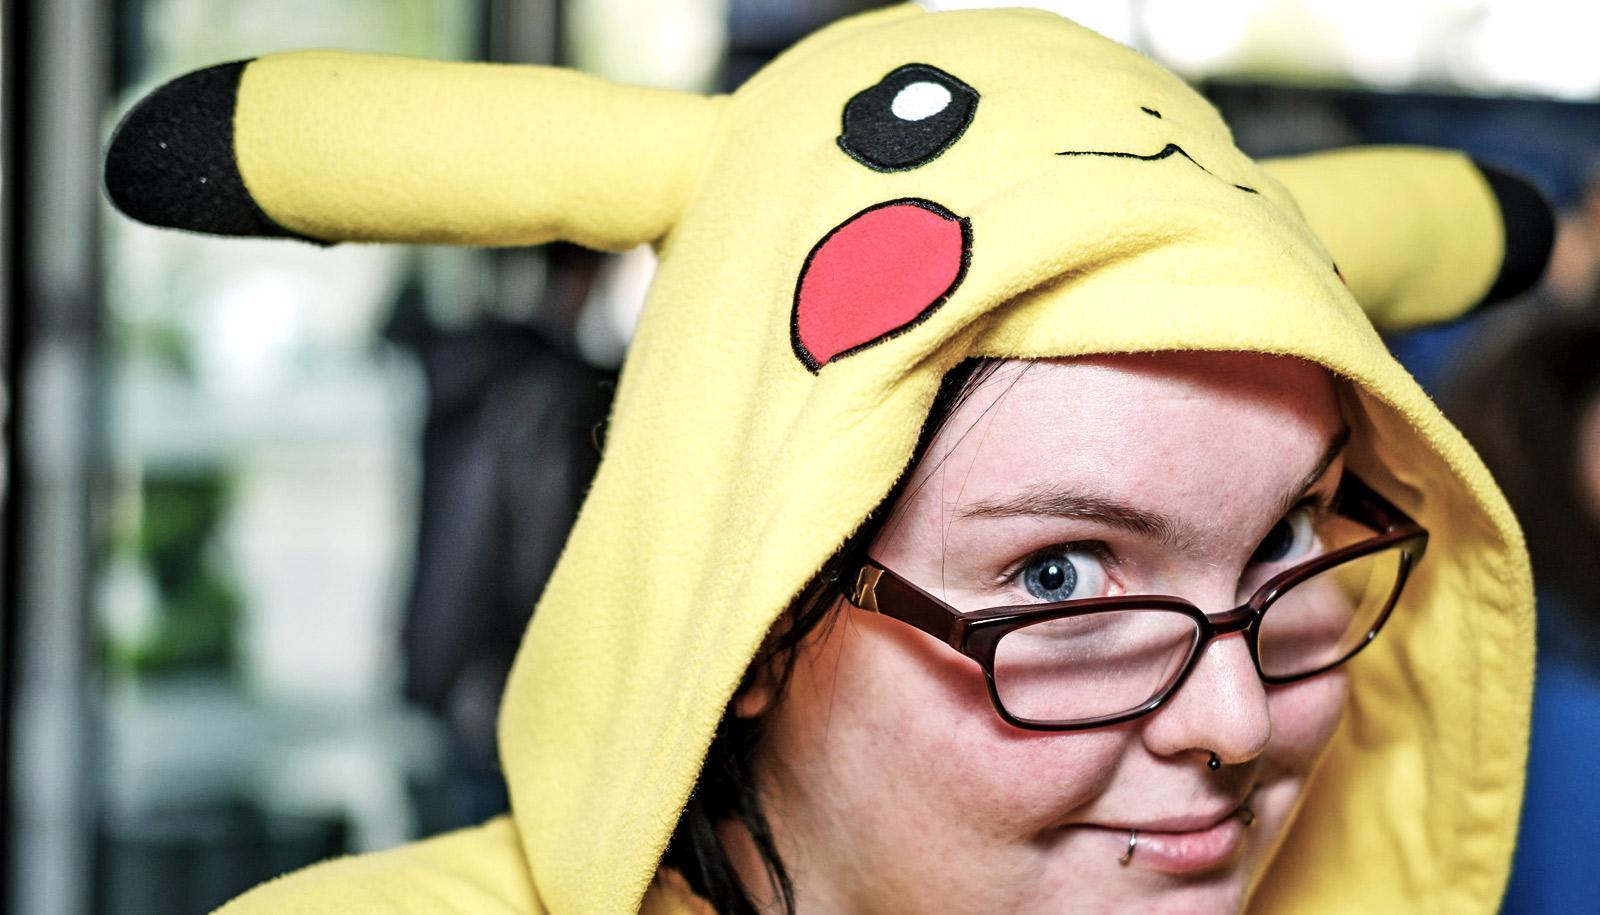 person in Pokemon costume